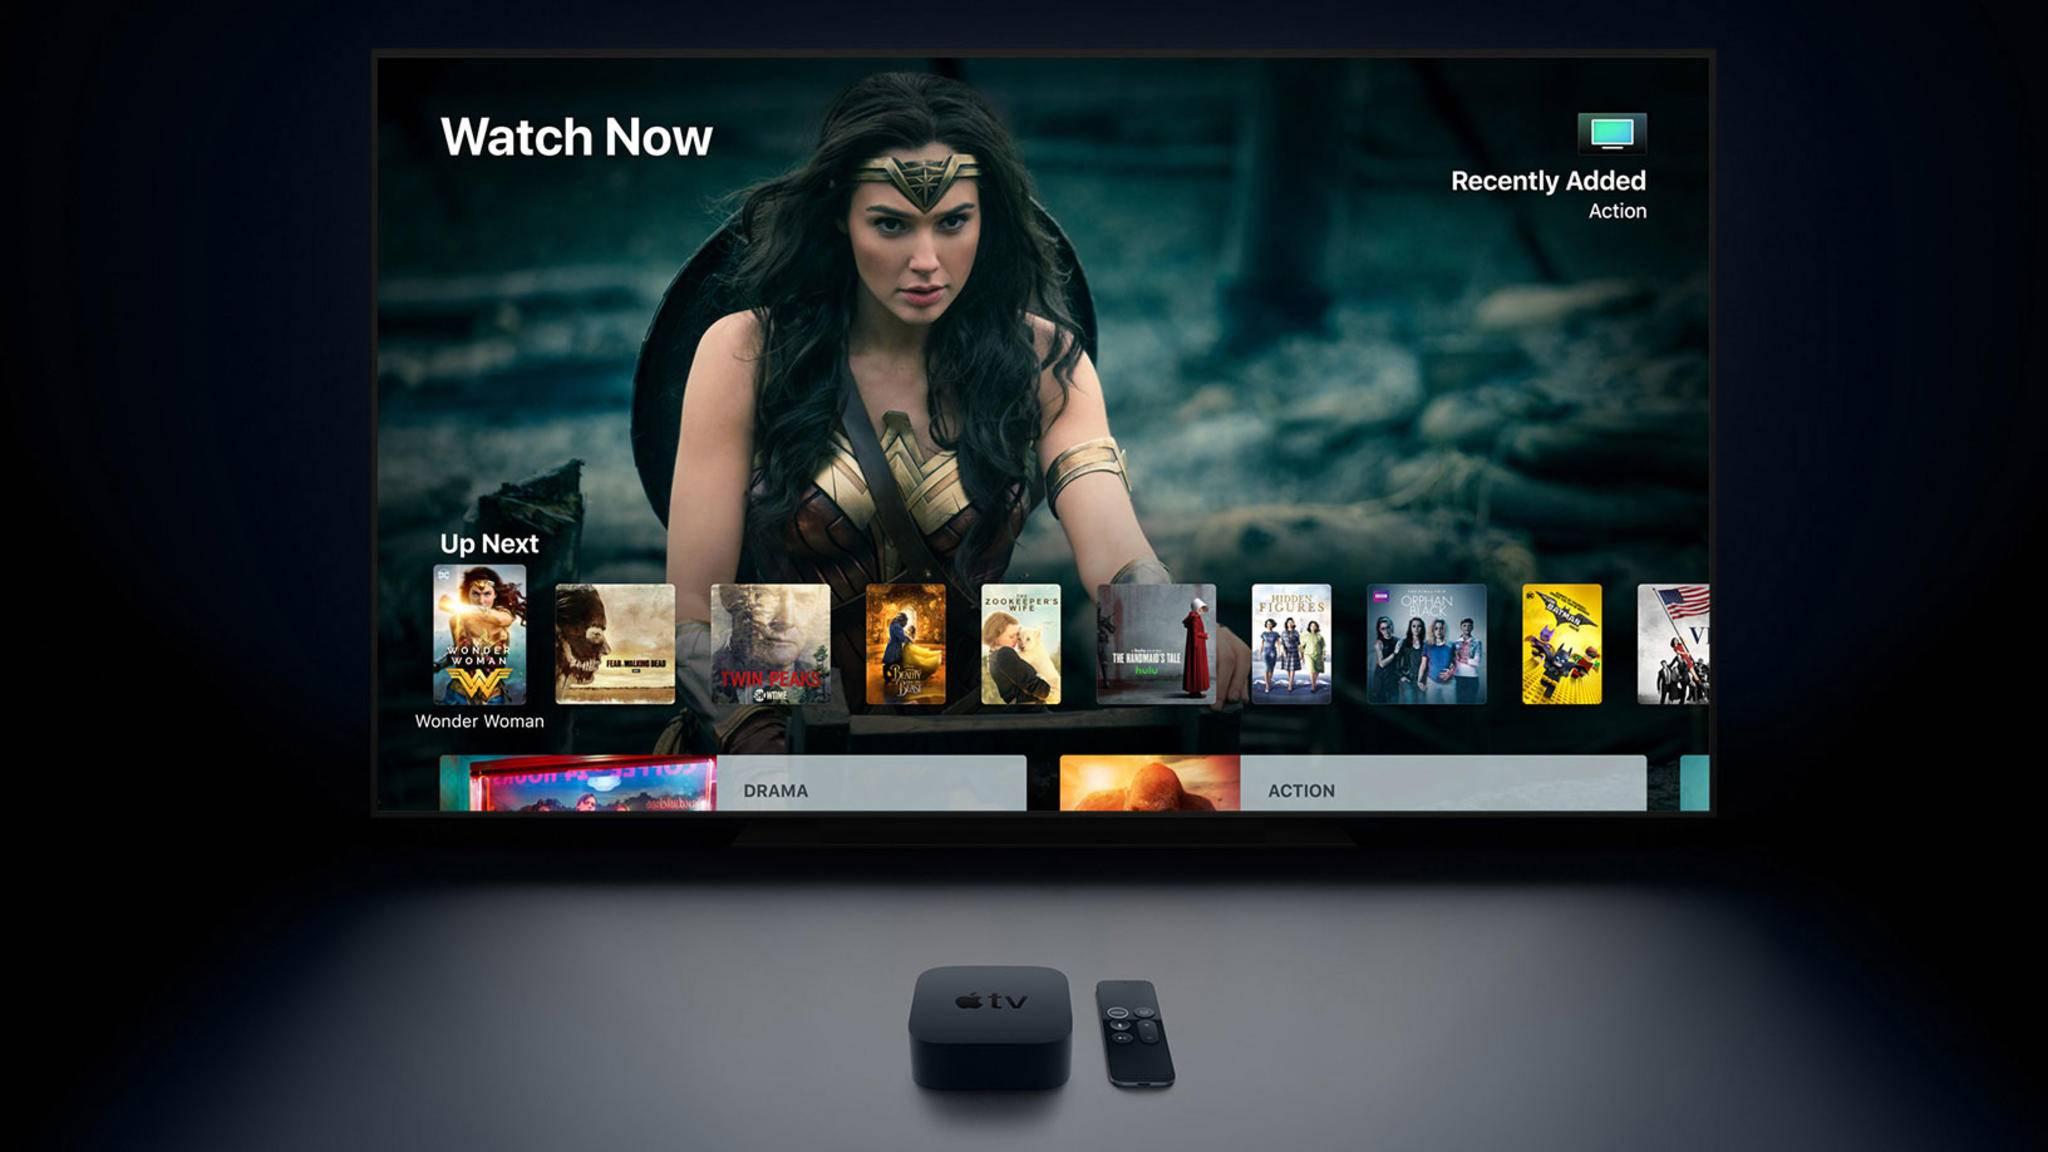 Die größte Neuerung im Vergleich zum Vorgänger: Das Apple TV kann jetzt 4K.